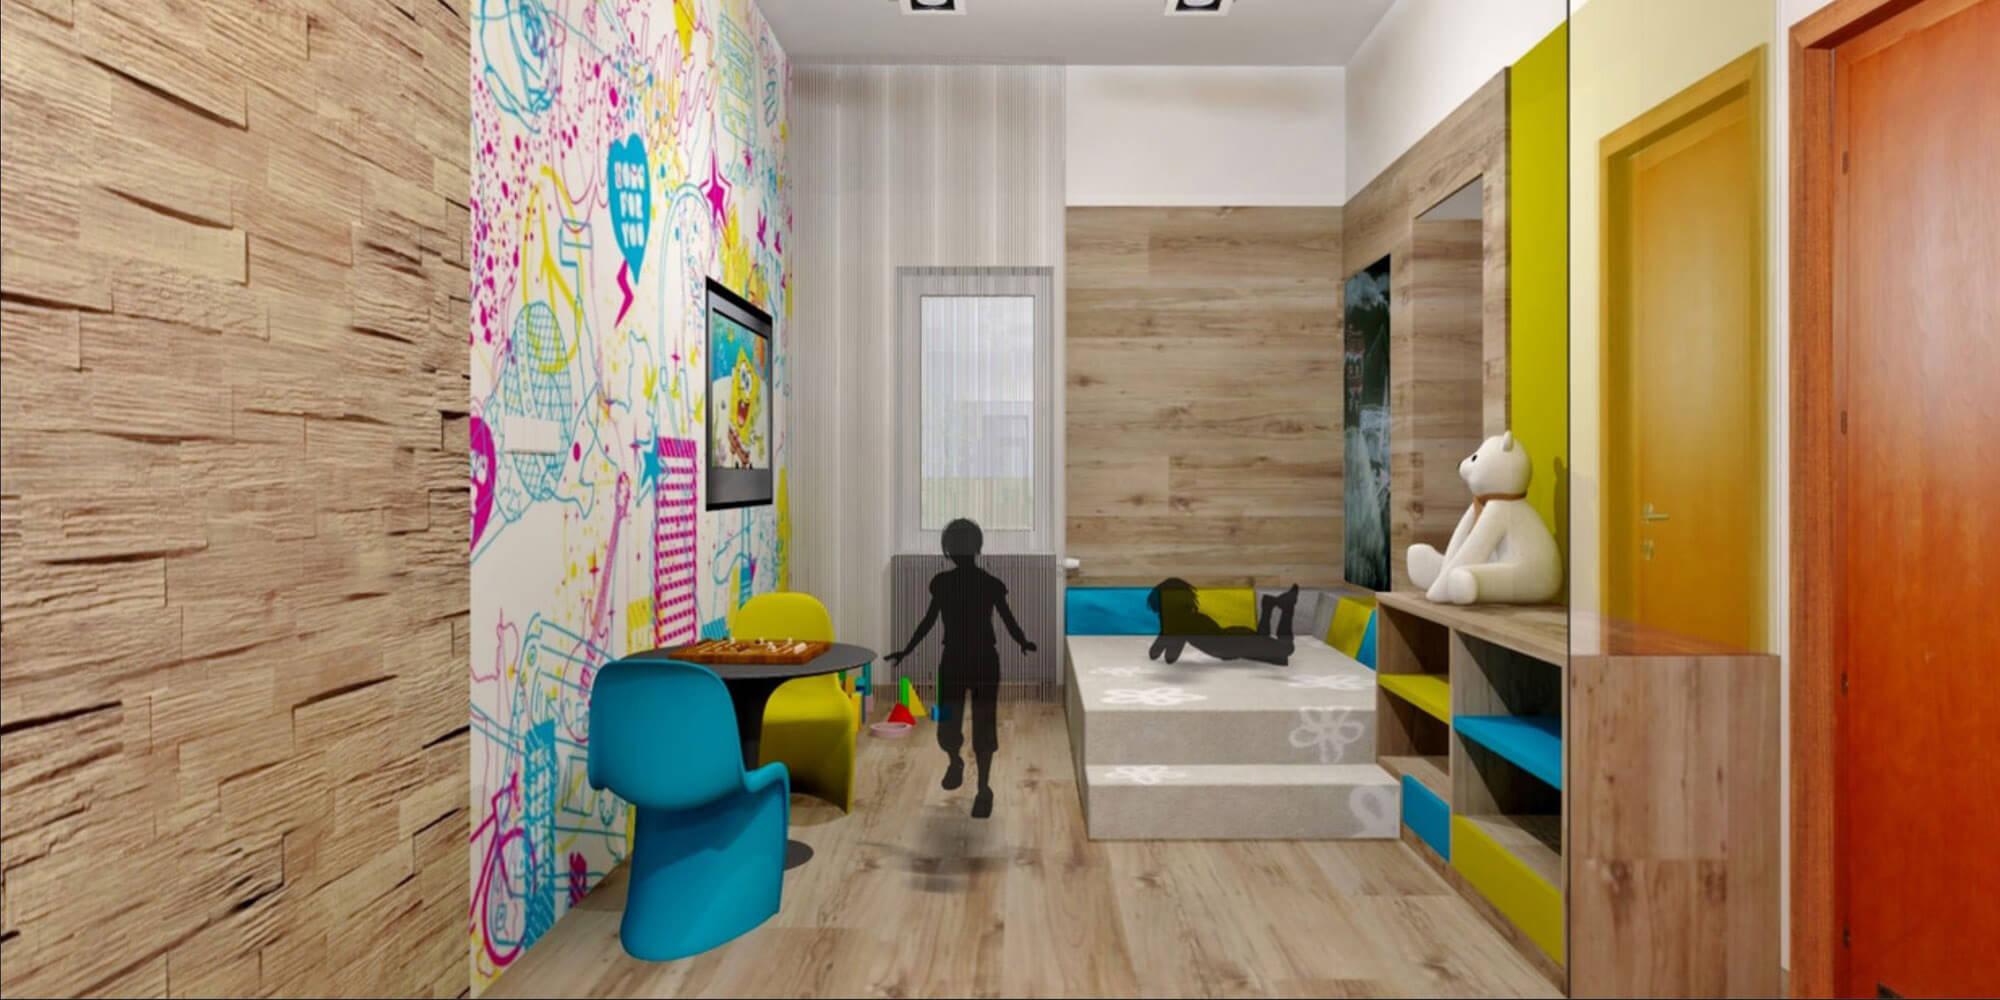 Crea-Plan-Design-Rauch-Frühmann-Architektur-Innenarchitektur-Design-Projekt-Referenz-Hotelerie-Gastronomie-Hotel-Sporthotel-Zaton-kinder